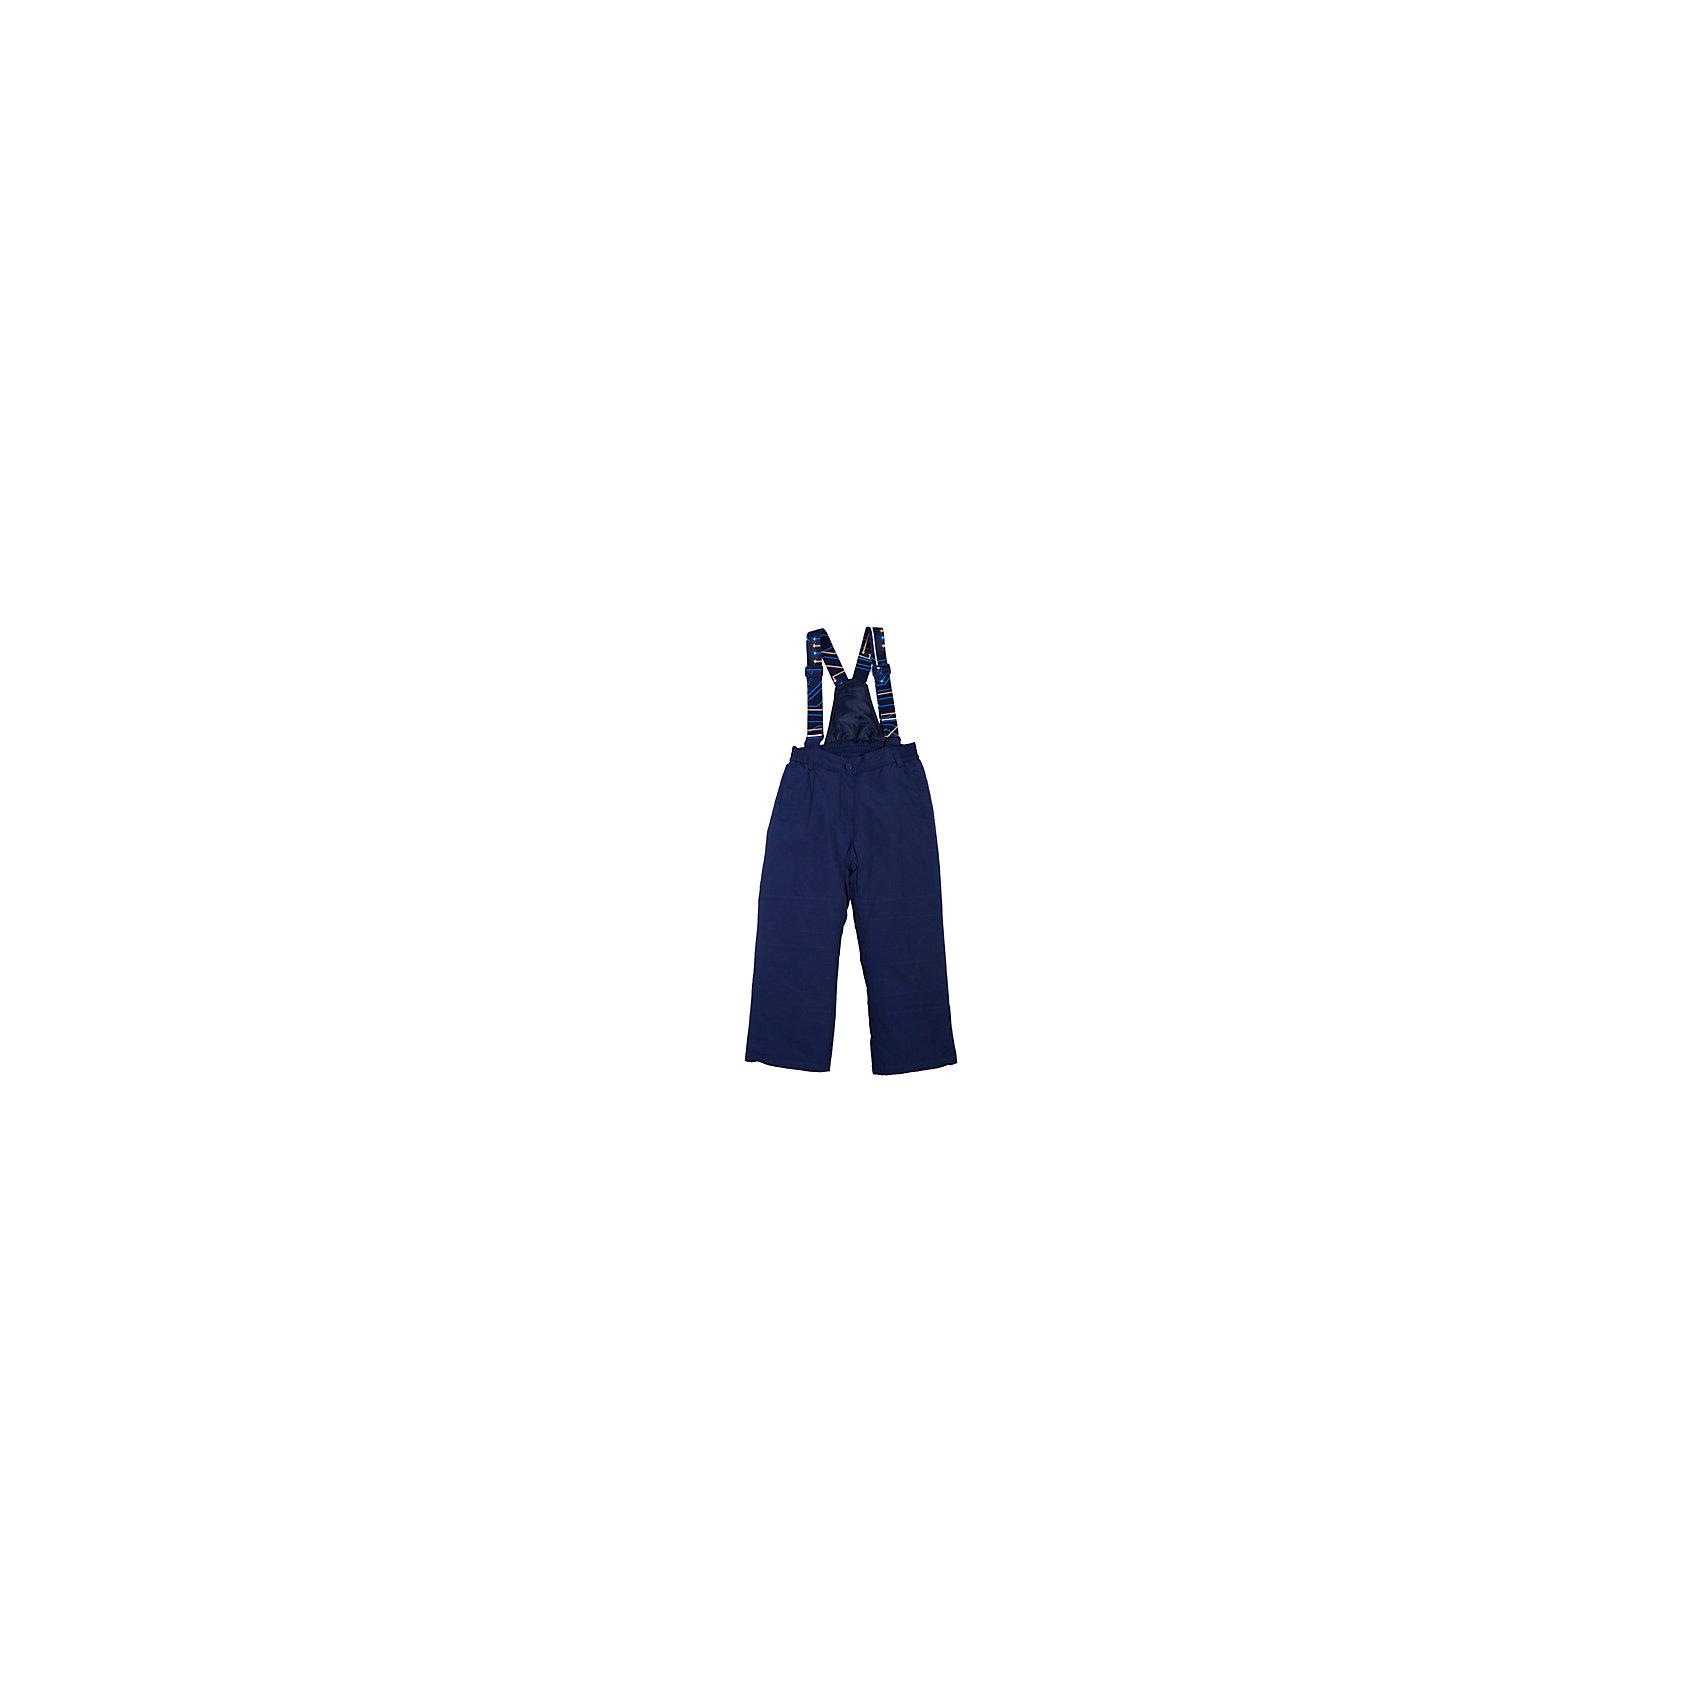 Брюки для мальчика PlayTodayВерхняя одежда<br>Брюки для мальчика от известного бренда PlayToday.<br>Стильный утепленный полукомбинезон темно-синего цвета. Фишка модели - эластичные бретели с ярким принтом. Пояс на резинке, есть шлевки для ремня. По бокам два функциональных кармана на липучках. Бретели регулируются по длине.<br>Состав:<br>Верх: 100% нейлон, подкладка: 100% полиэстер, наполнитель: 100% полиэстер, 100 г/м2<br><br>Ширина мм: 215<br>Глубина мм: 88<br>Высота мм: 191<br>Вес г: 336<br>Цвет: синий<br>Возраст от месяцев: 72<br>Возраст до месяцев: 84<br>Пол: Мужской<br>Возраст: Детский<br>Размер: 122,104,128,110,116,98<br>SKU: 4896745